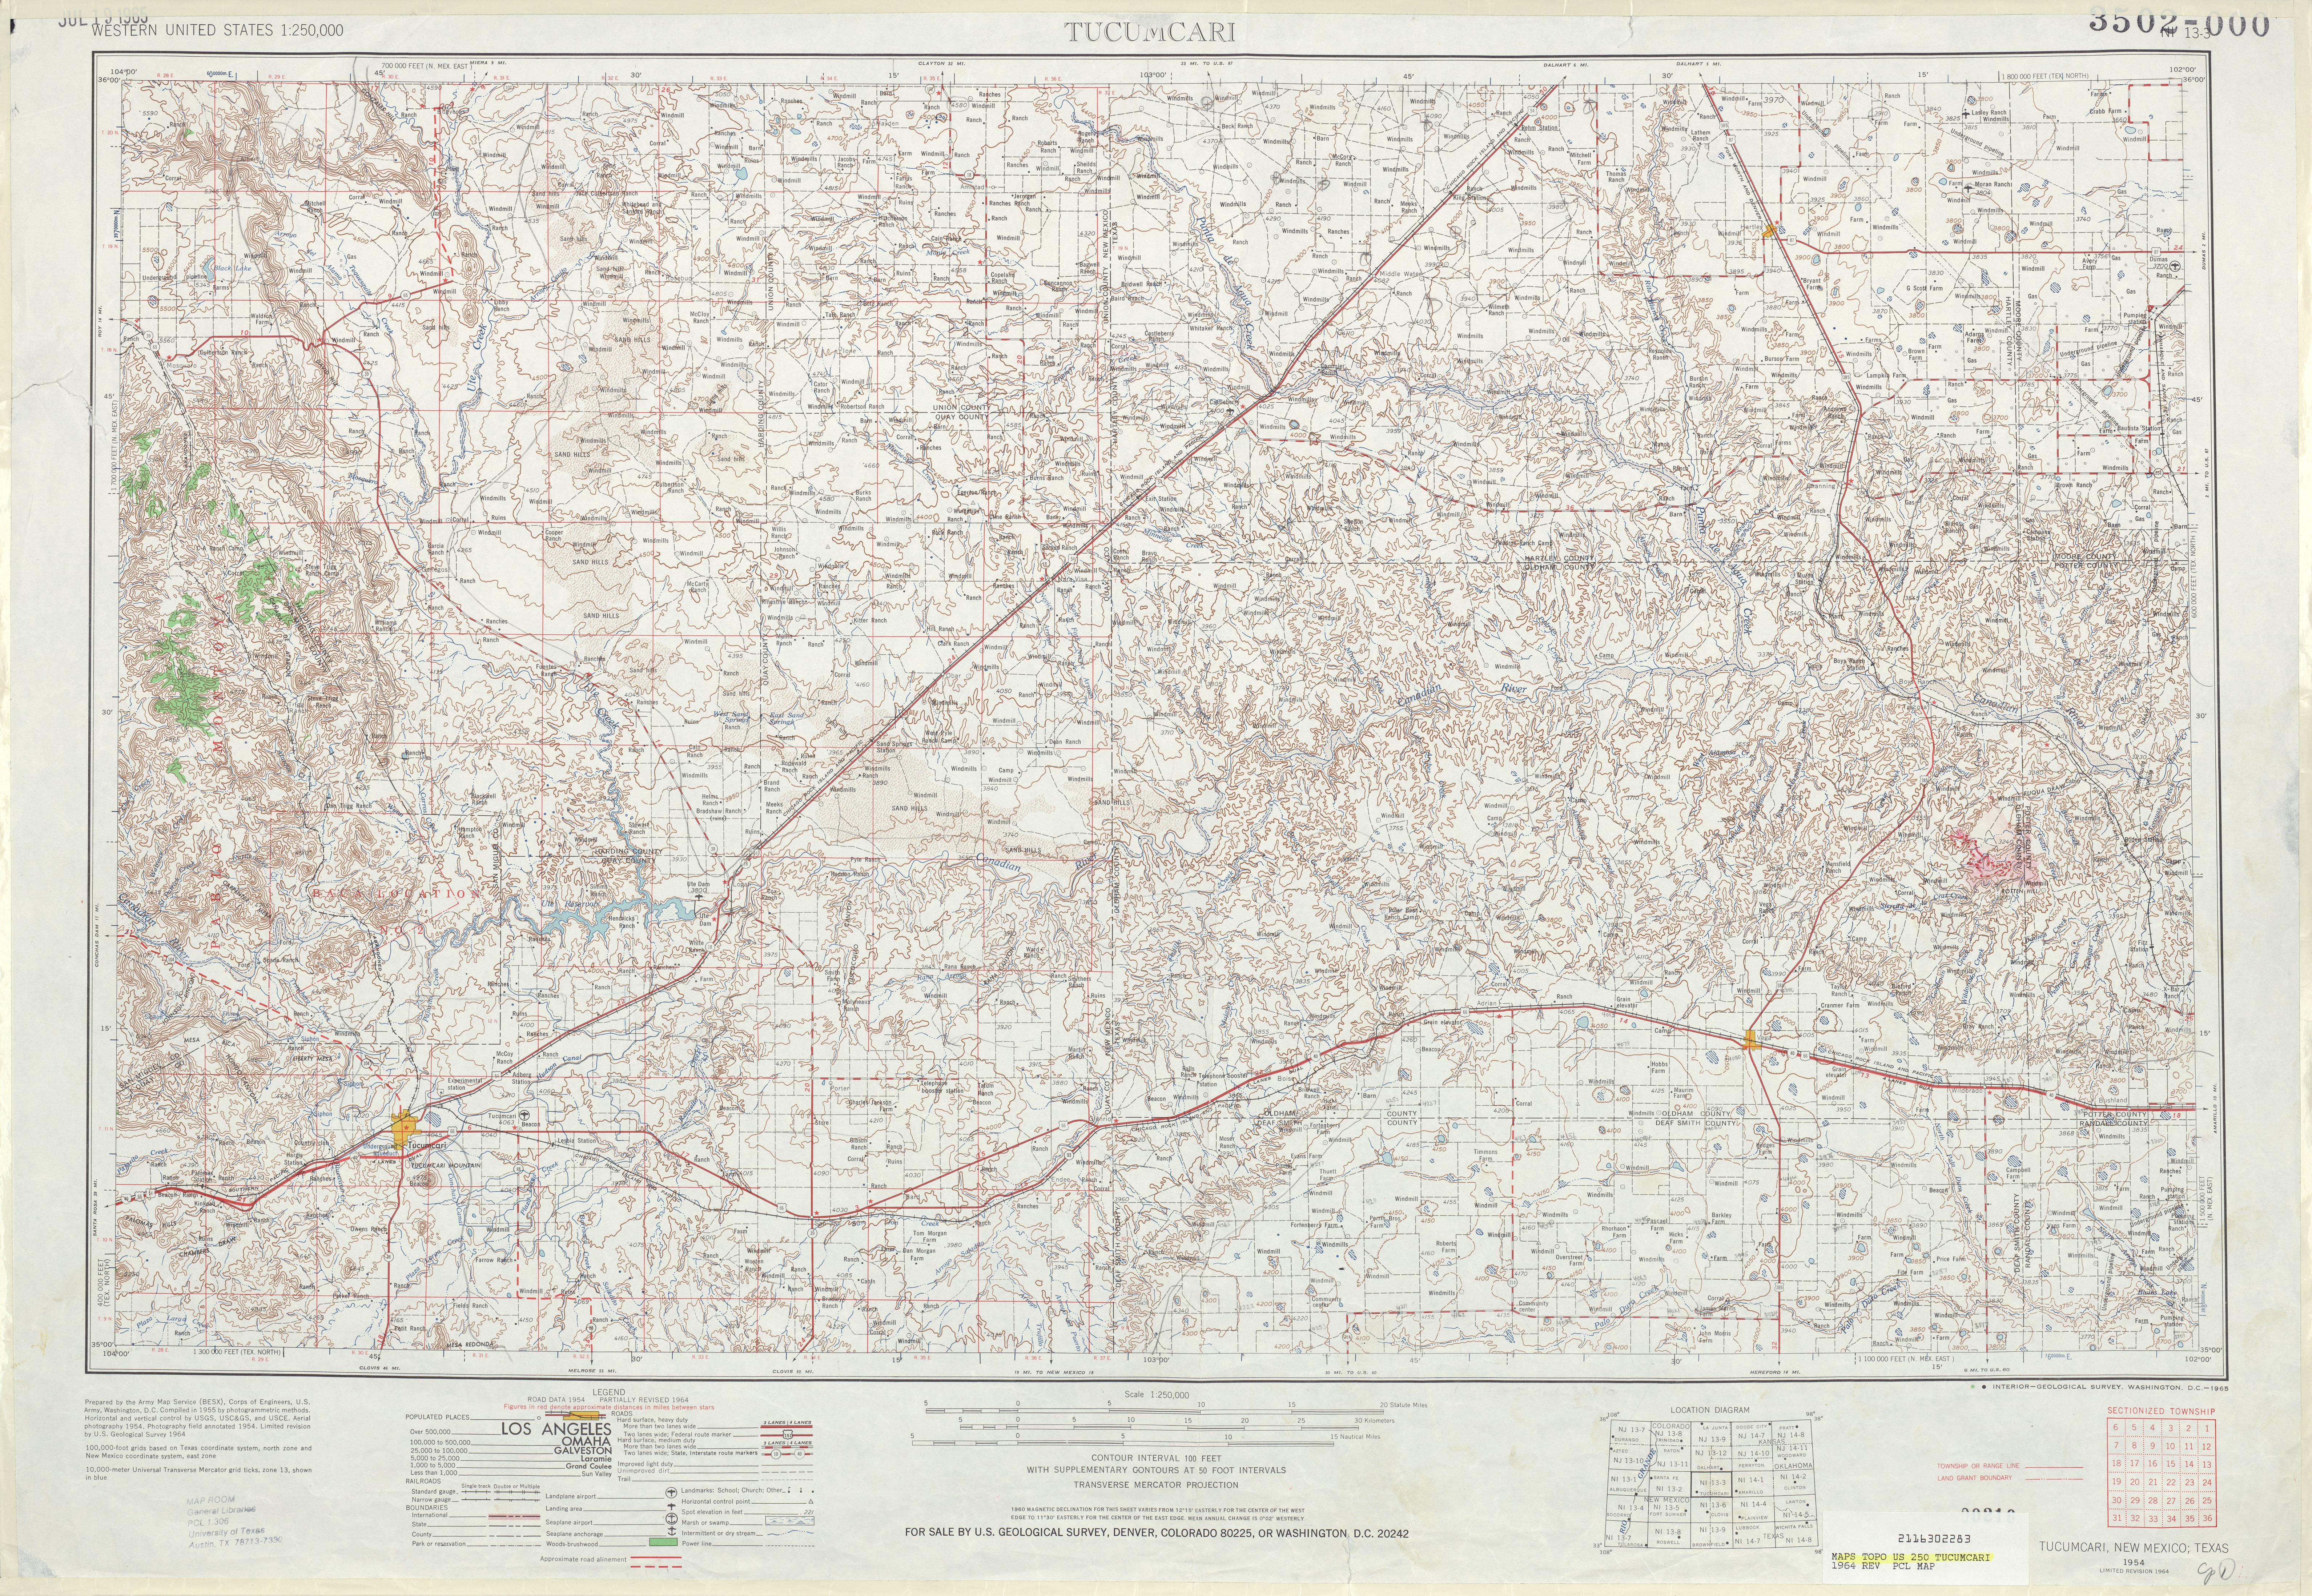 Hoja Tucumcari del Mapa Topográfico de los Estados Unidos 1964